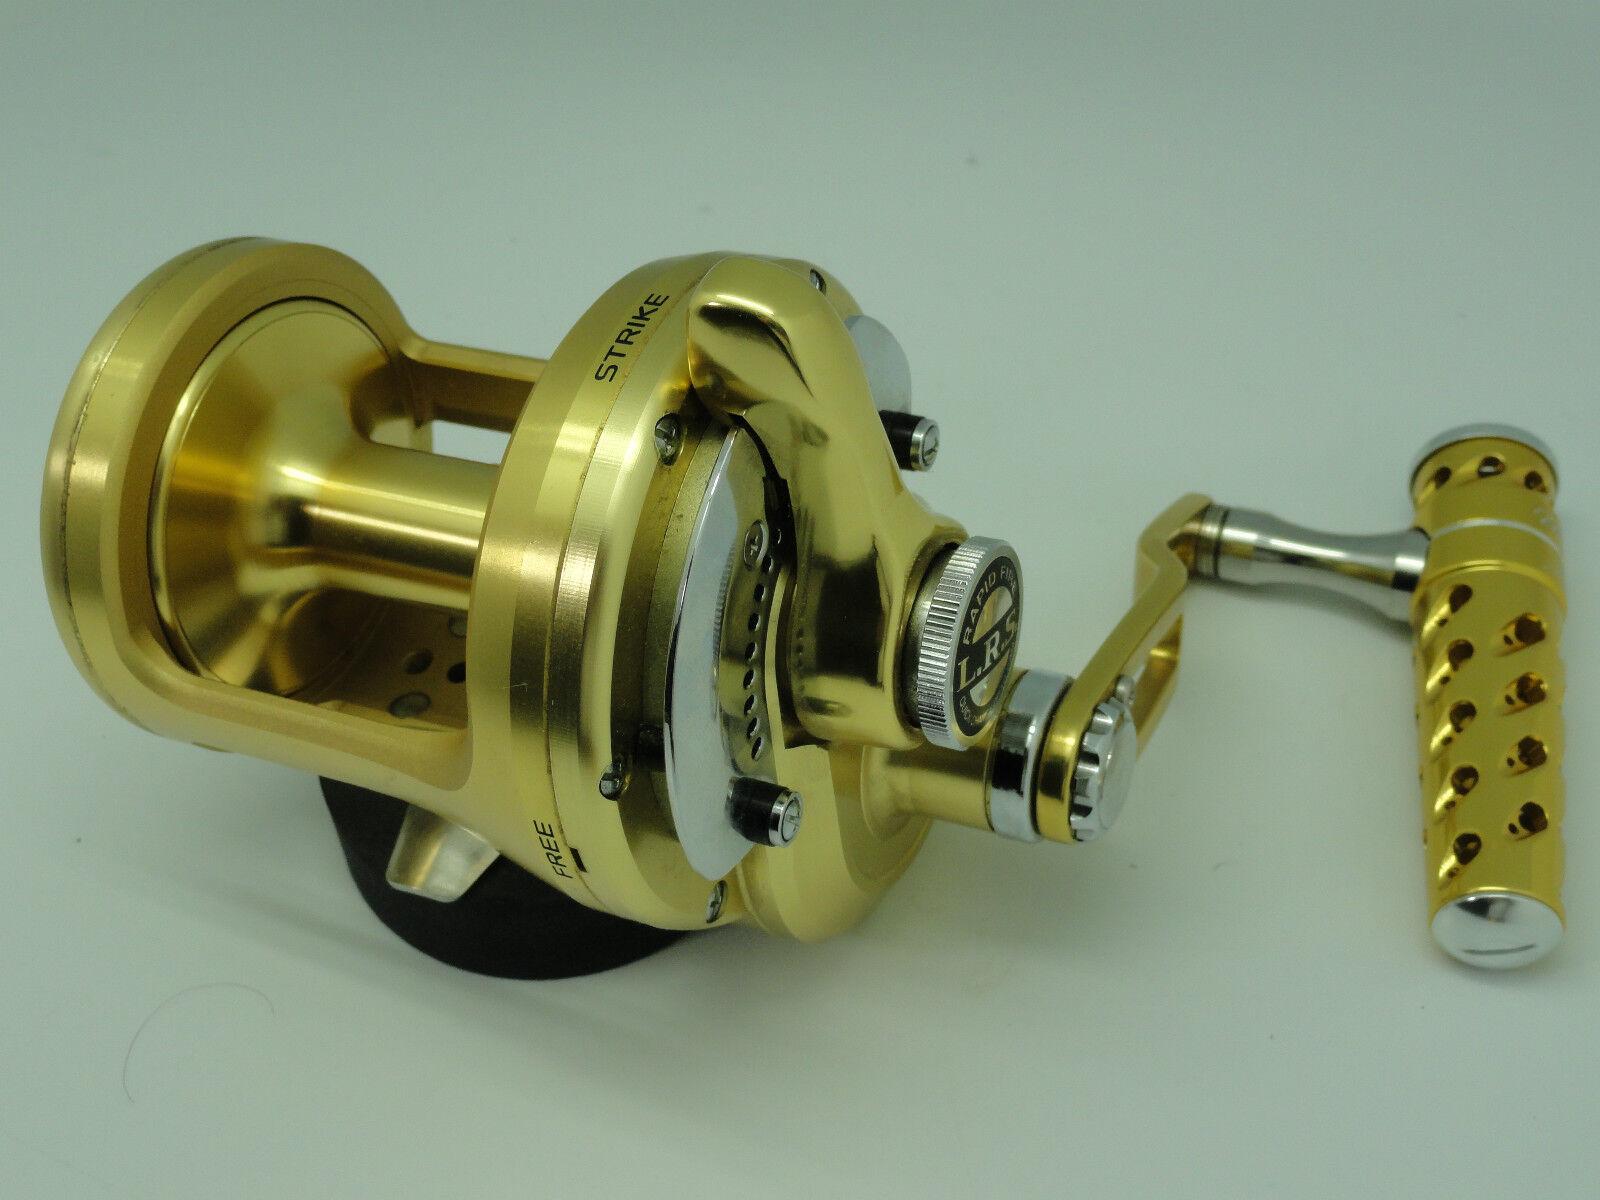 UJ T-BAR T092 handle knob W BB BB BB kit for Shimano Torsa 16N 16 20 30 40 40N reel PG 0f0105